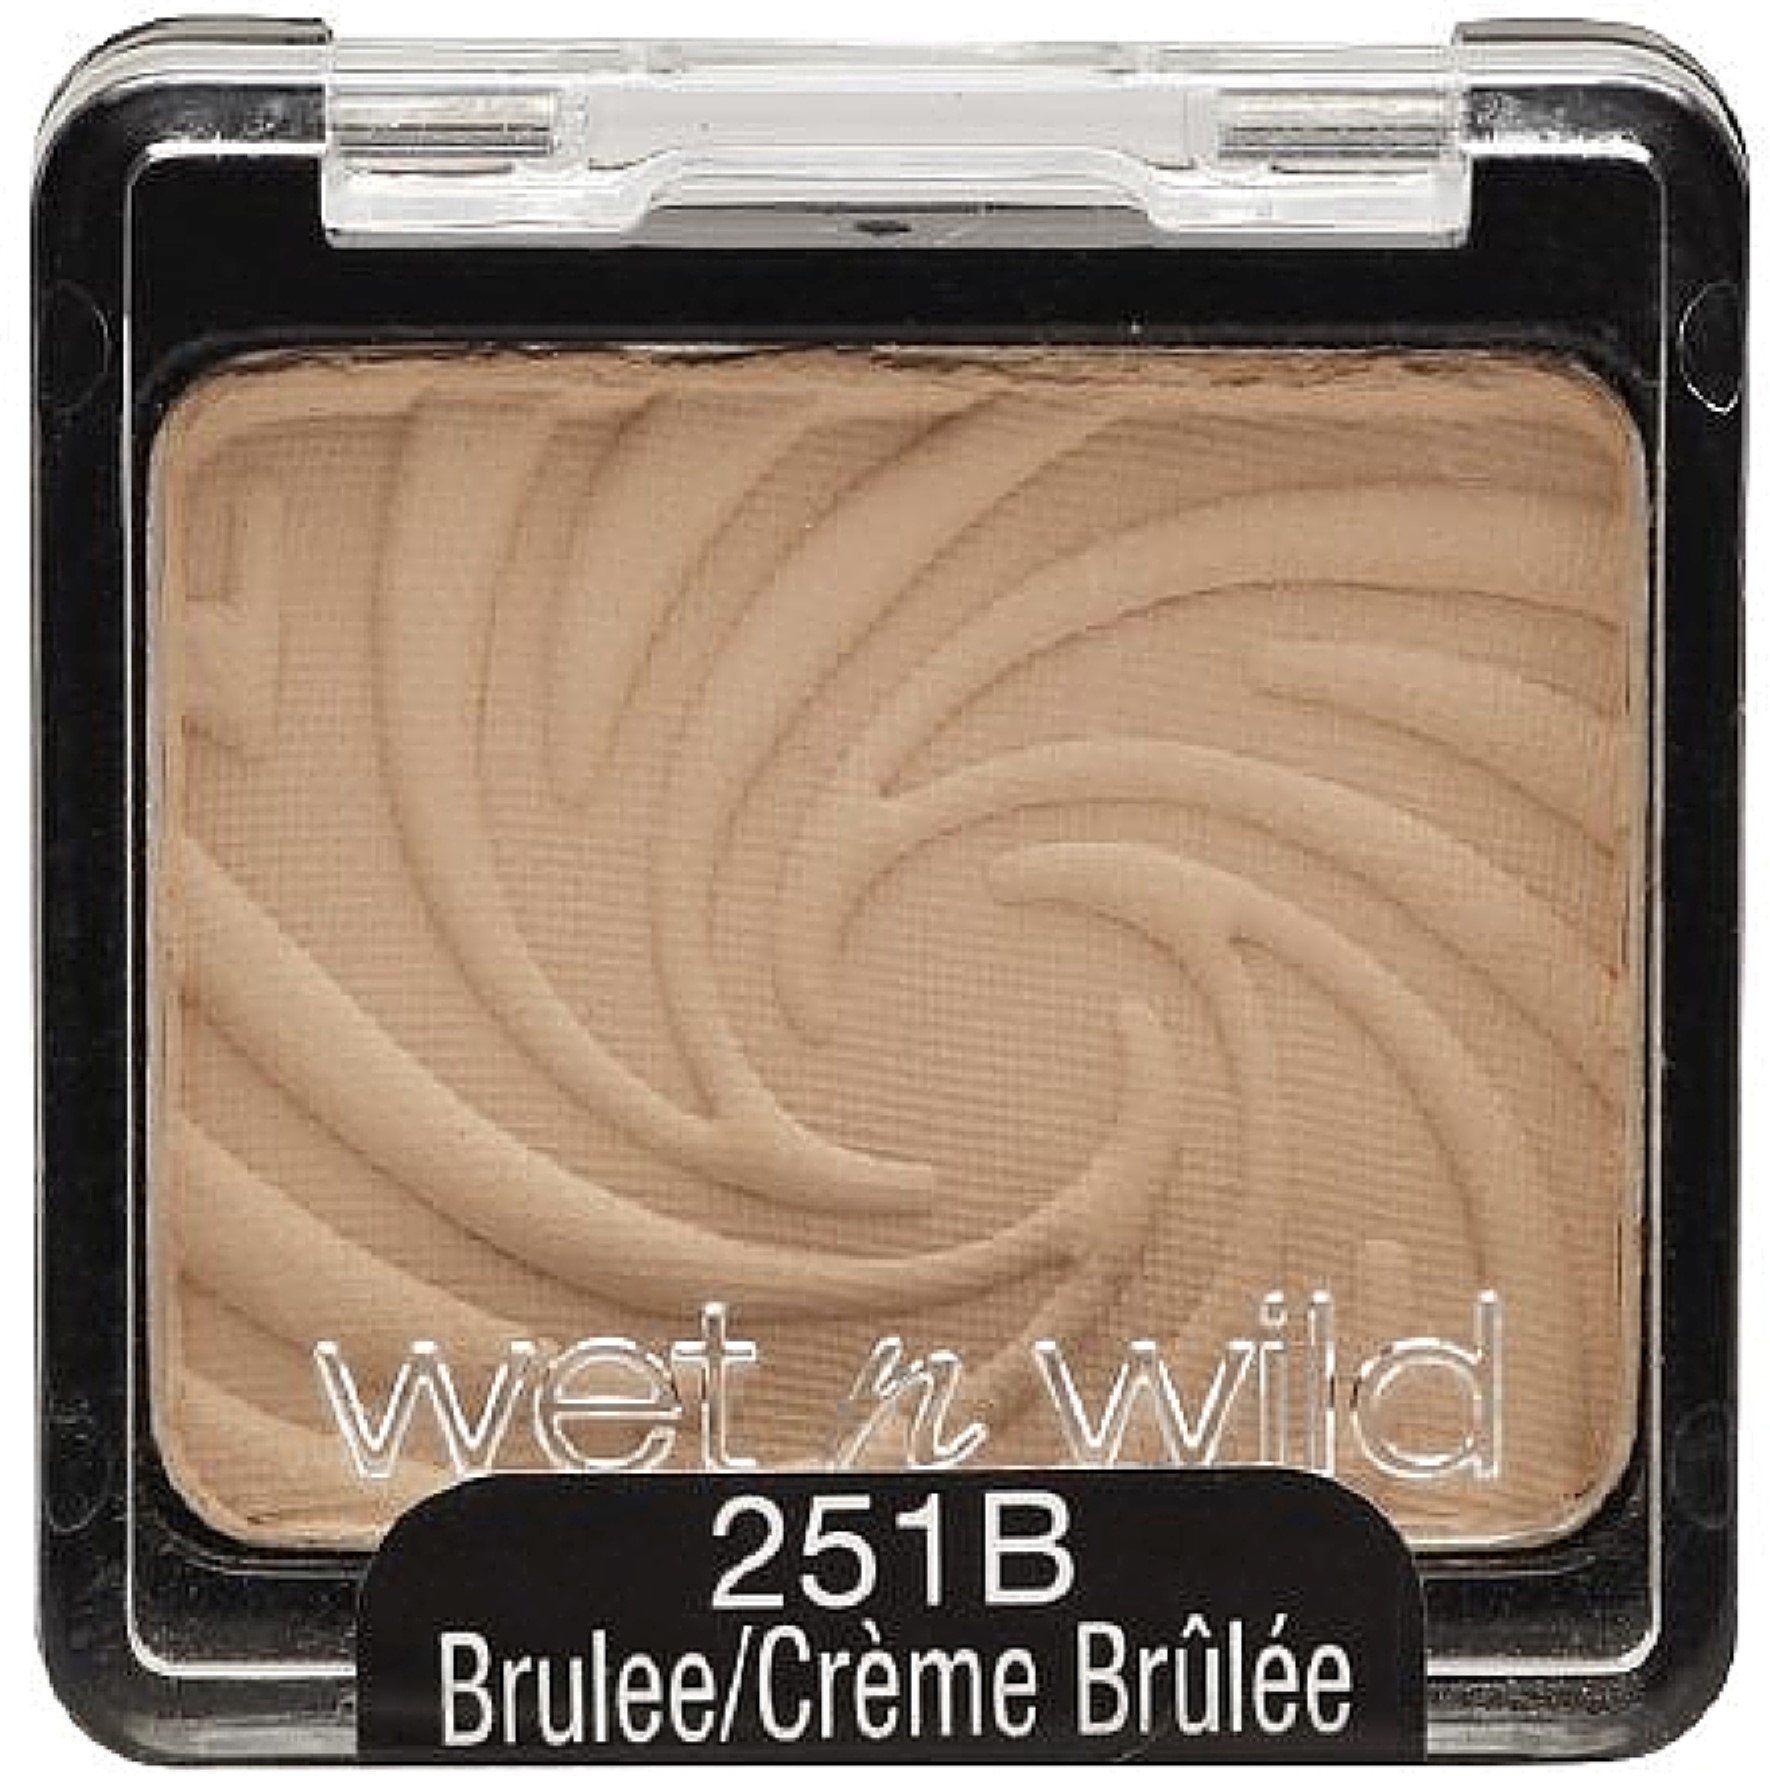 Wet N Wild Color Icon Eyeshadow Single Brulee 251b 0 06 Oz Pack Of 12 Product Of Wet N Wild Pack Of Wet N Wild Cosmetics Wet N Wild Wet N Wild Eyeshadow